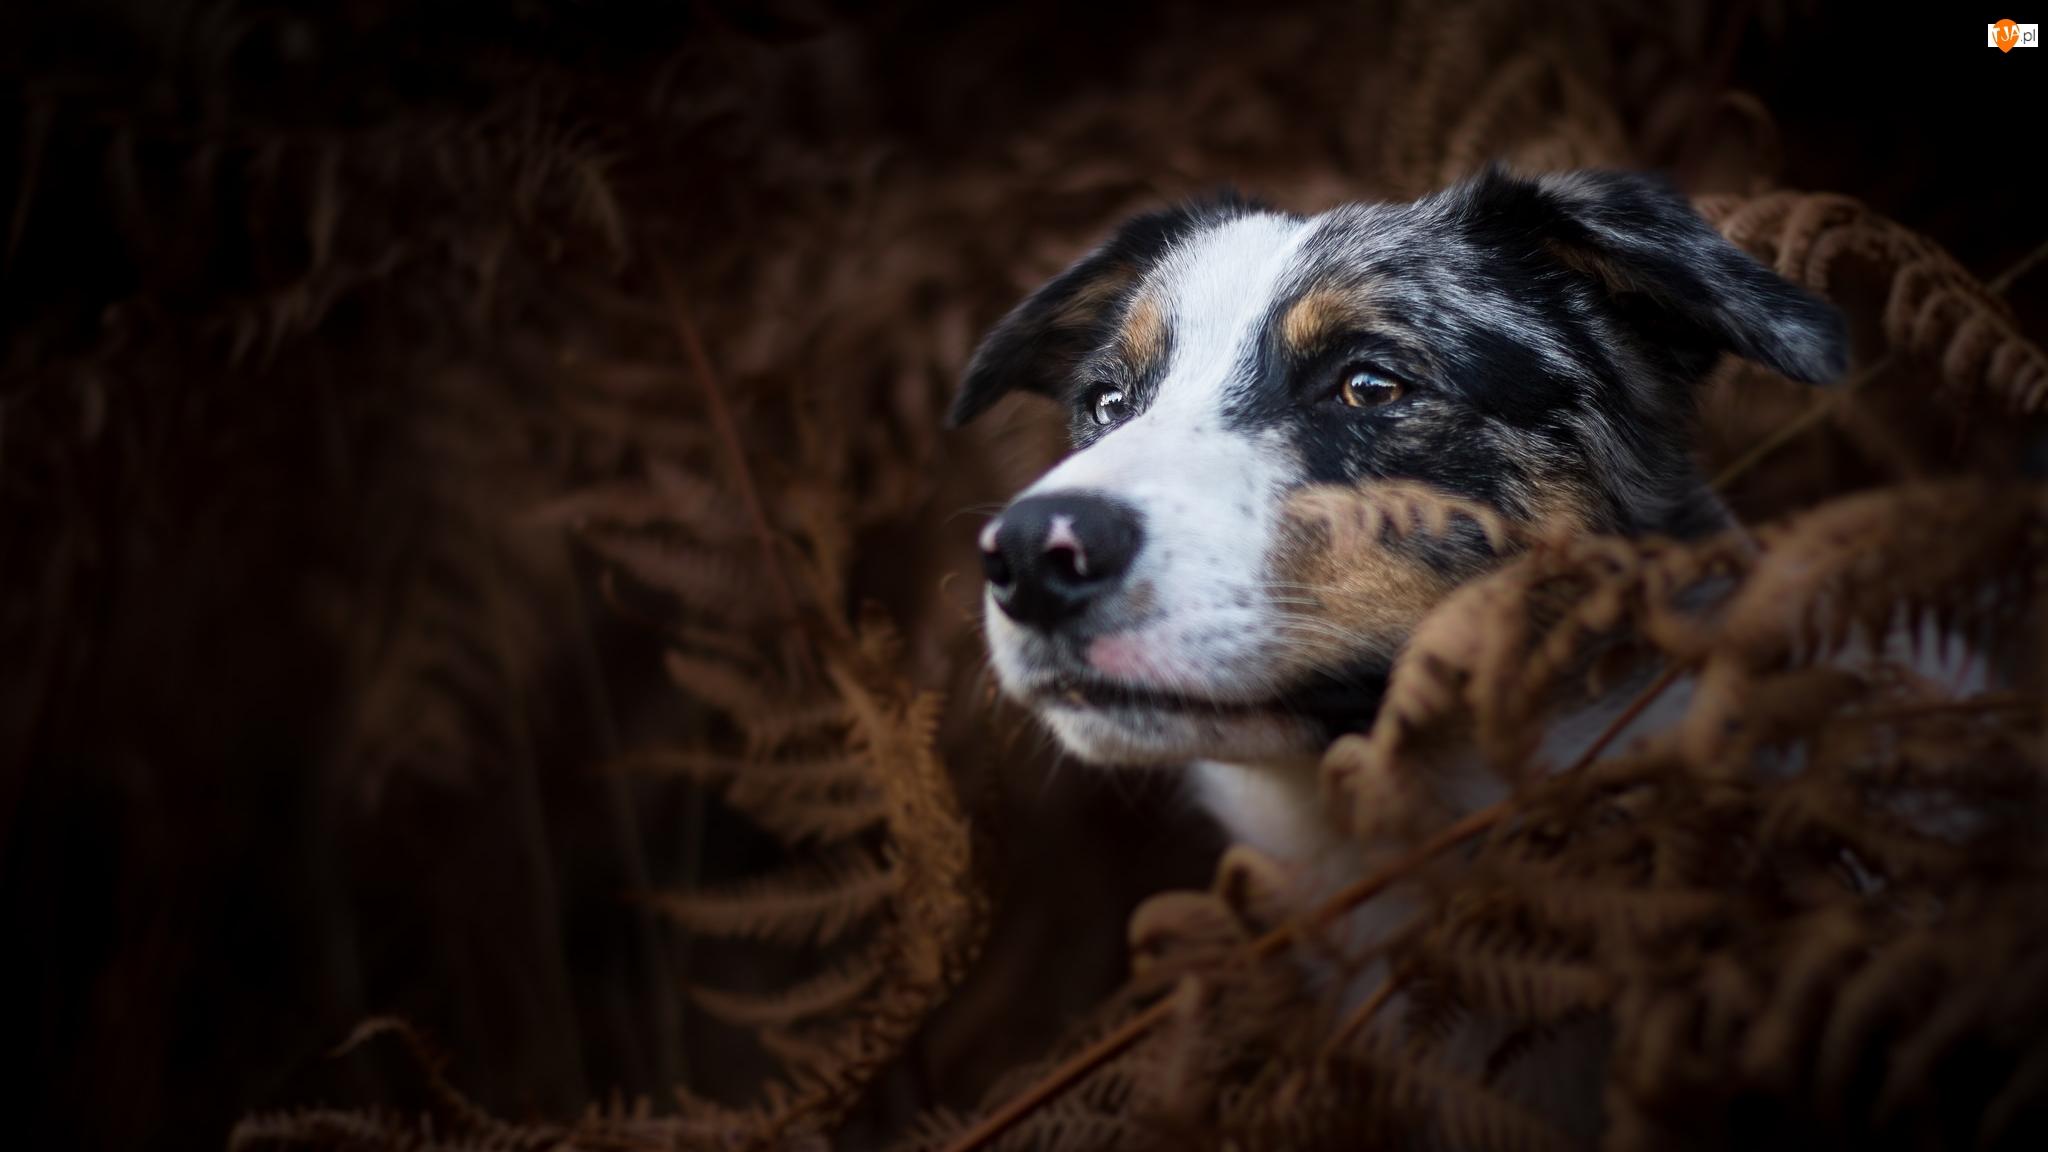 Pies, Ciemne tło, Owczarek australijski, Paprocie